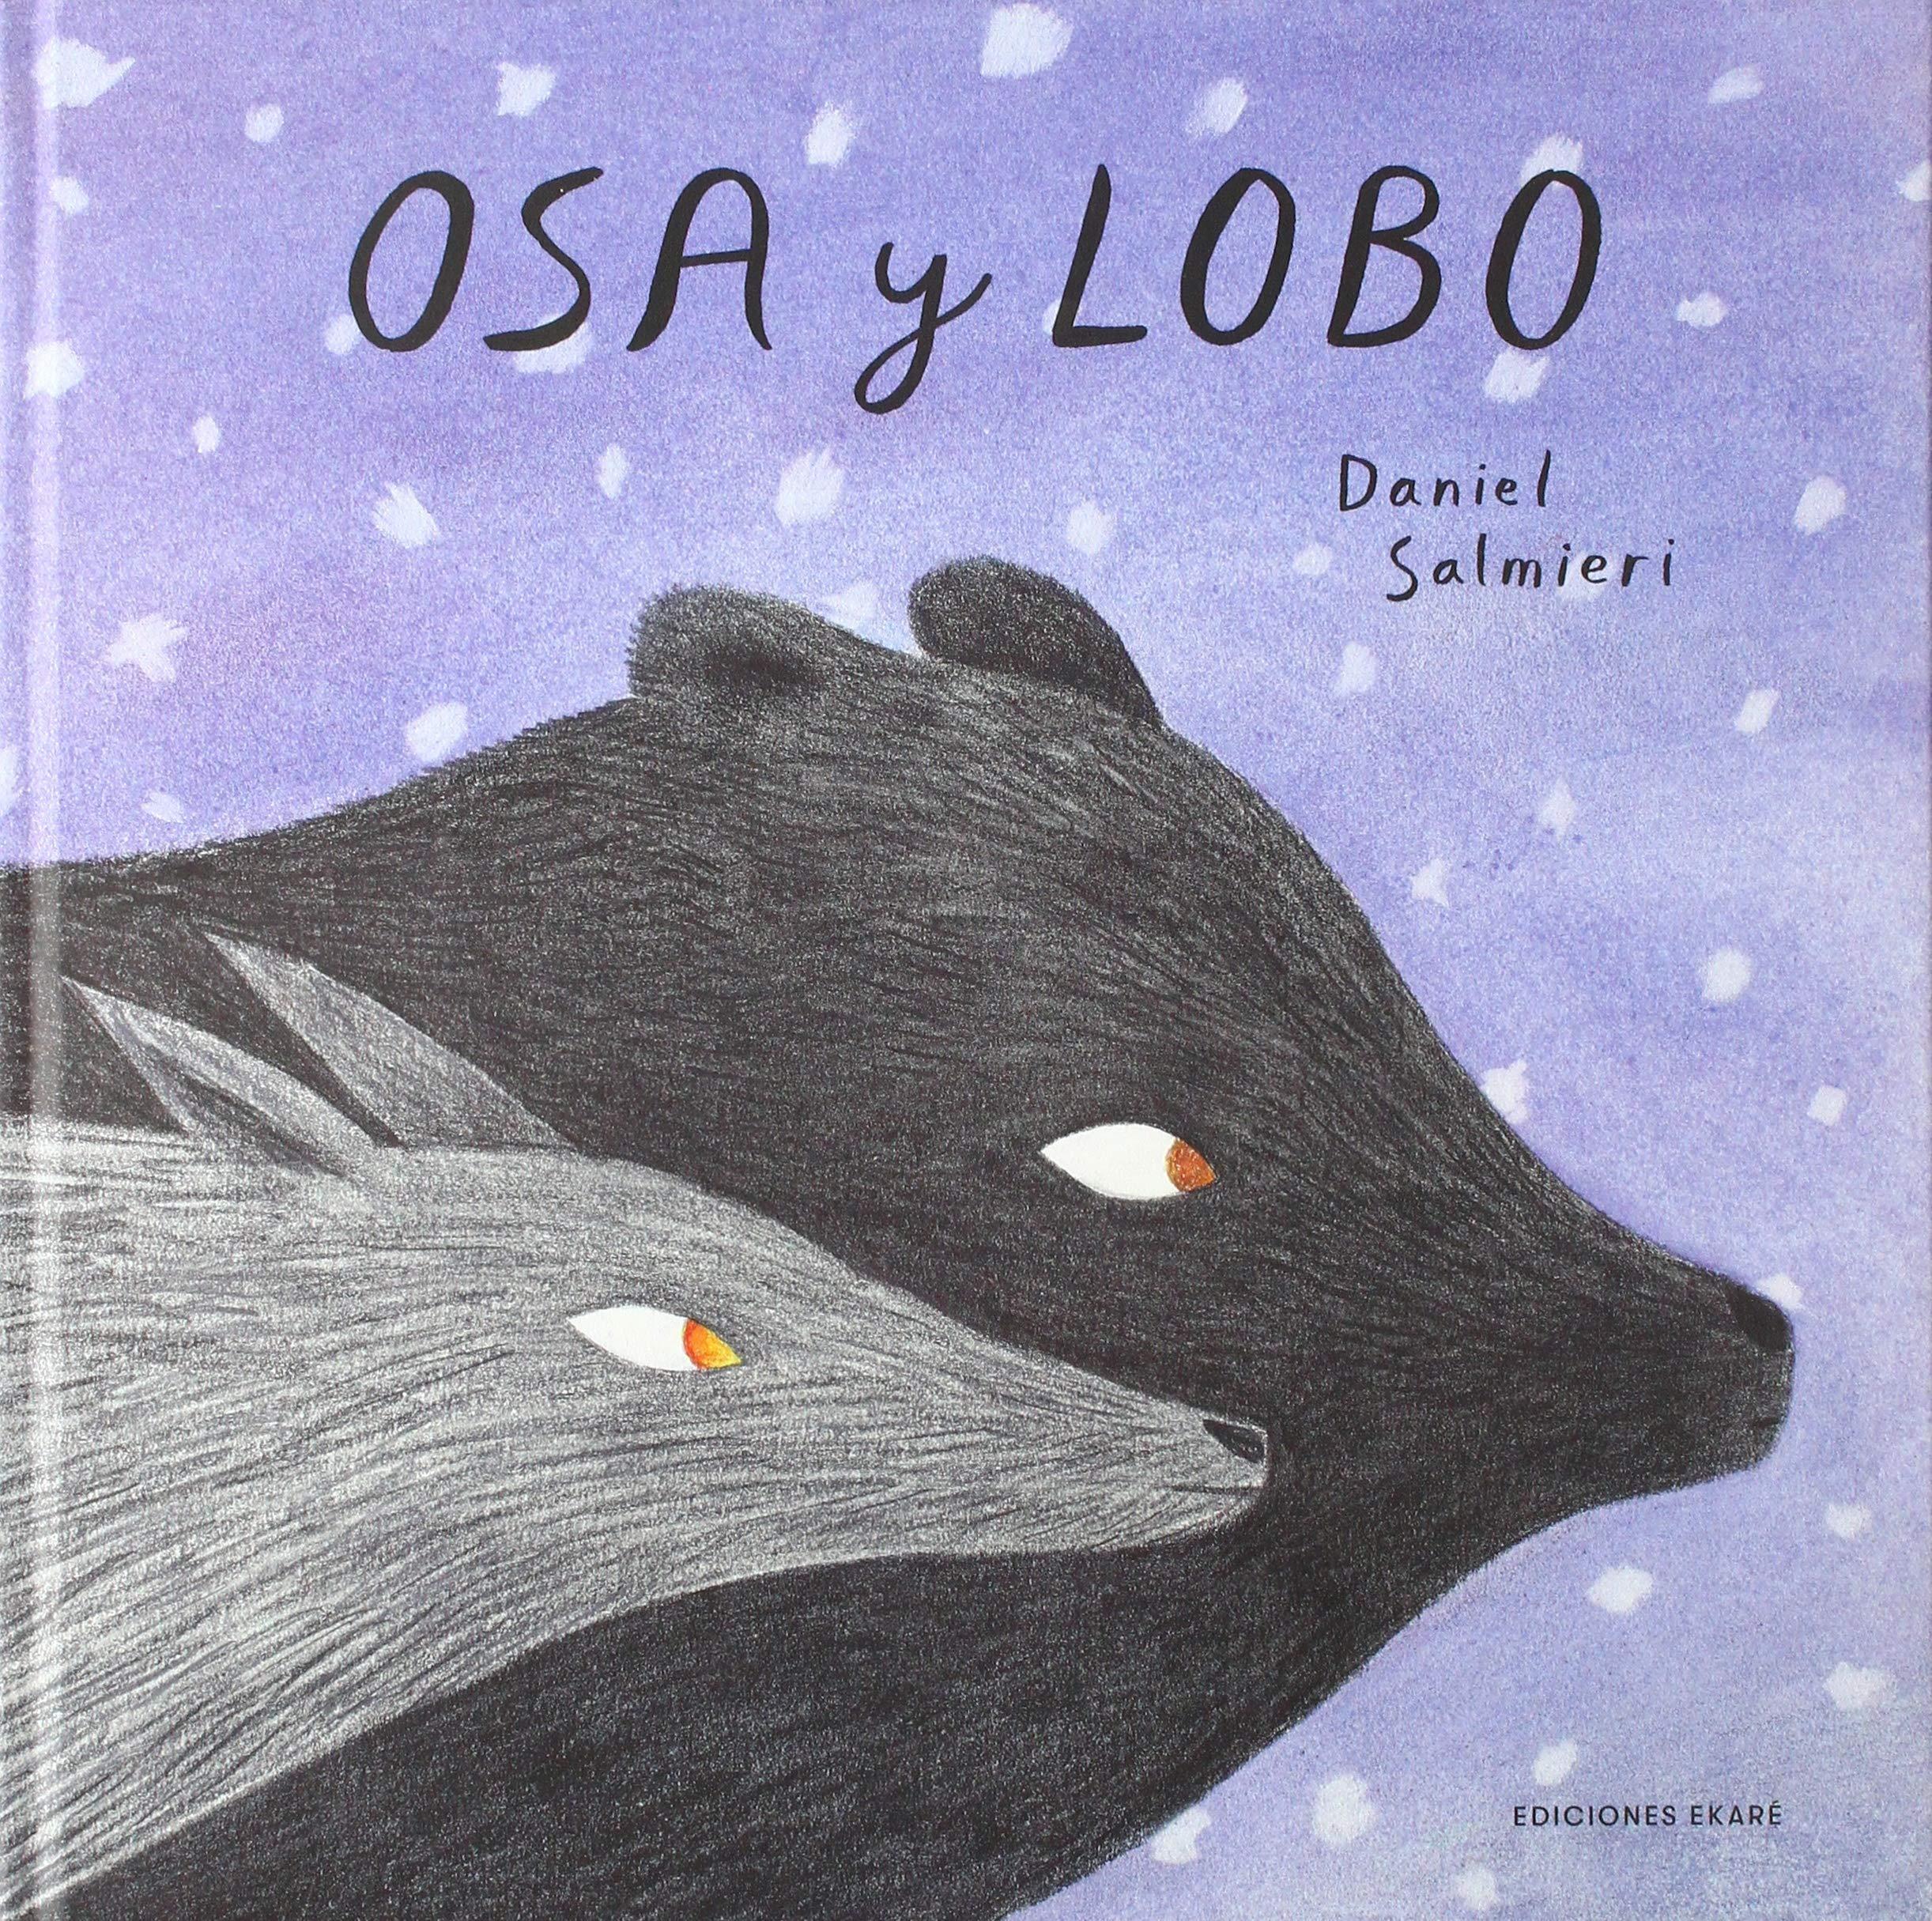 Osa y lobo - Libros sobre la amistad